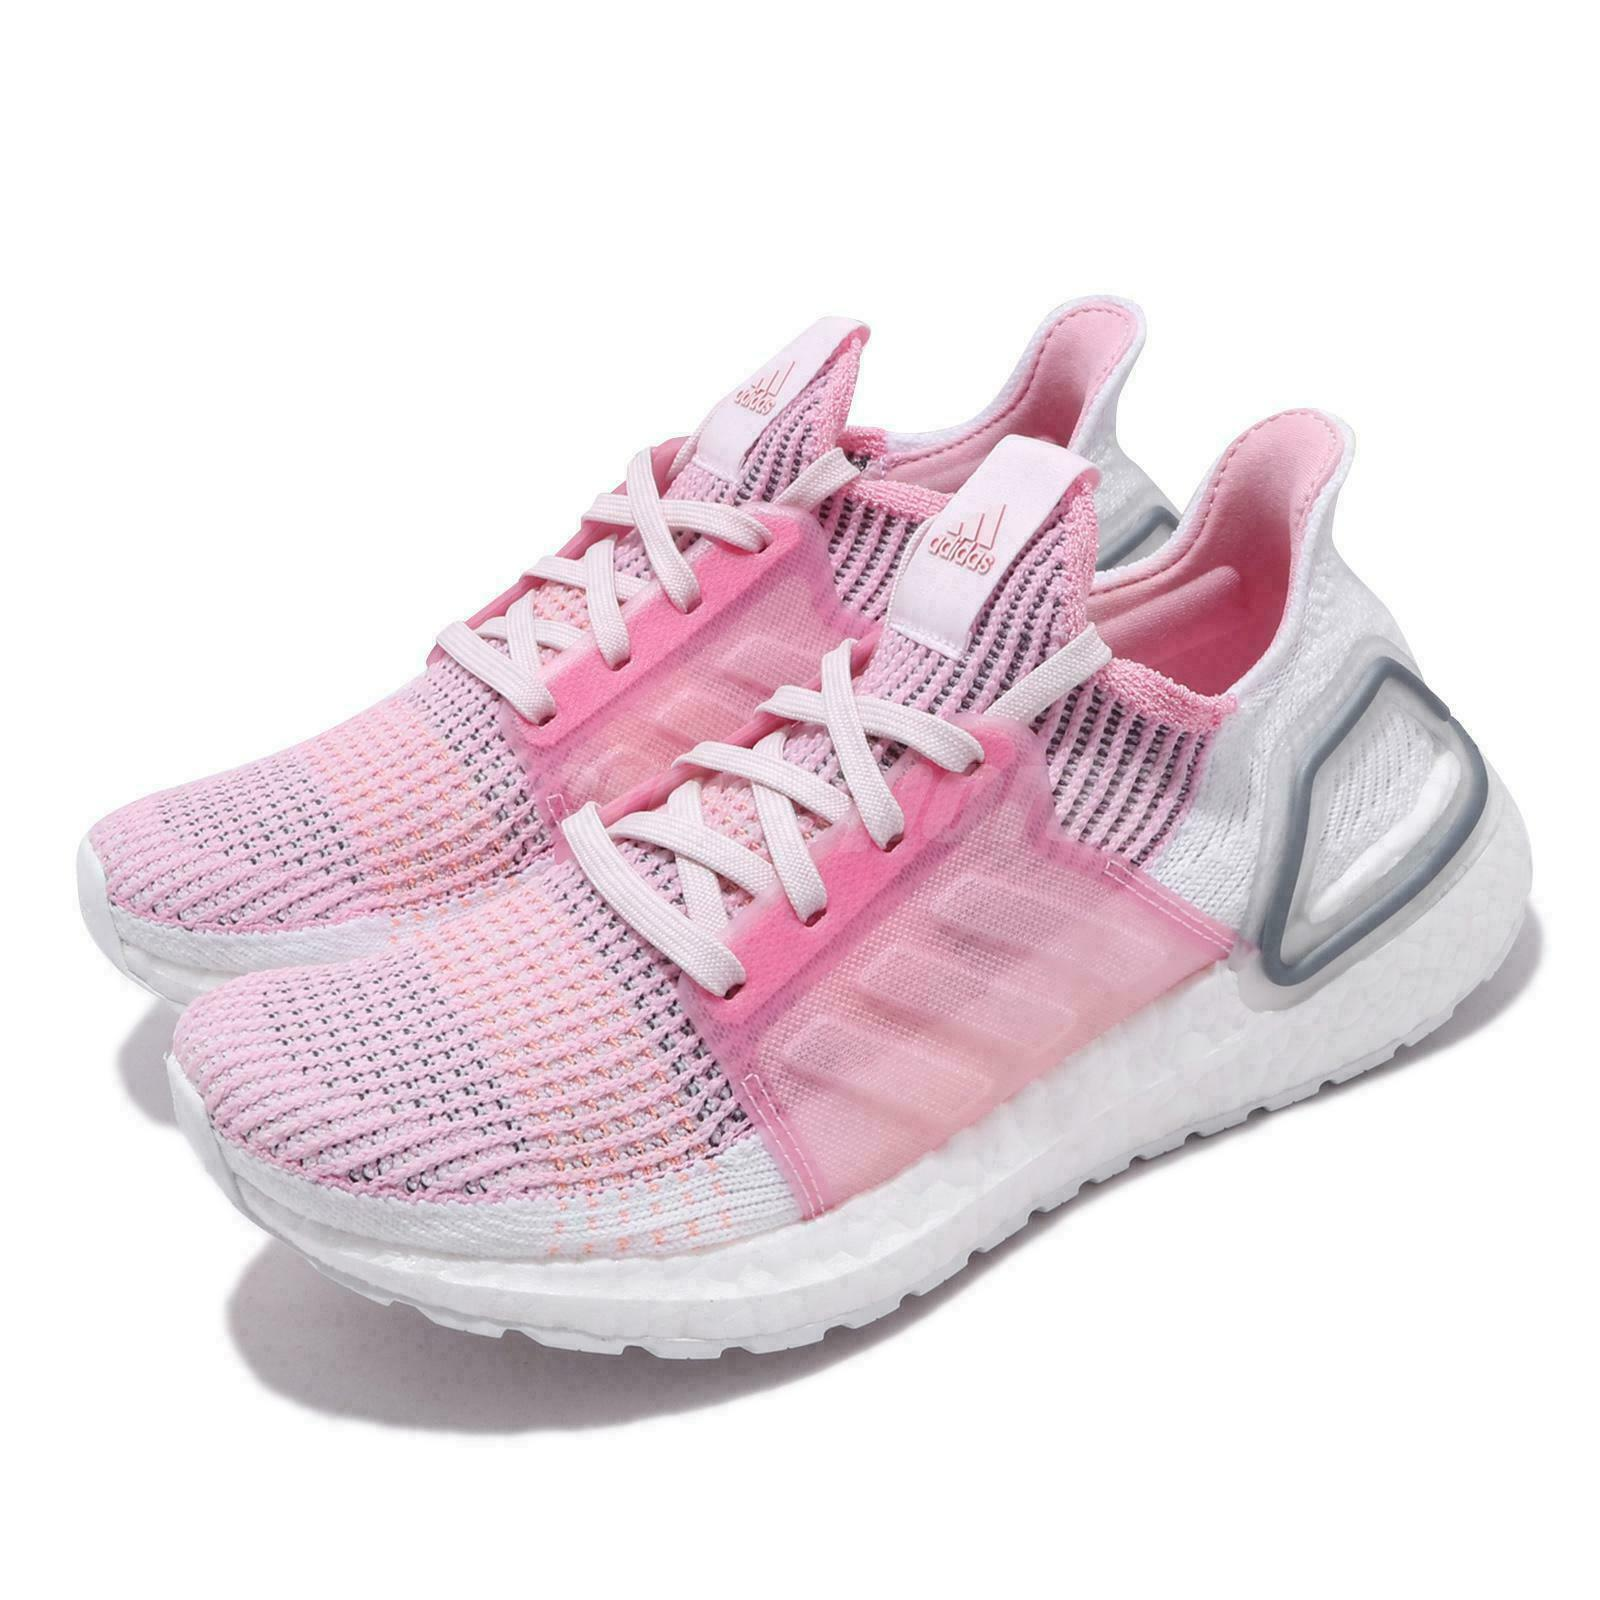 adidas ultra boost true pink